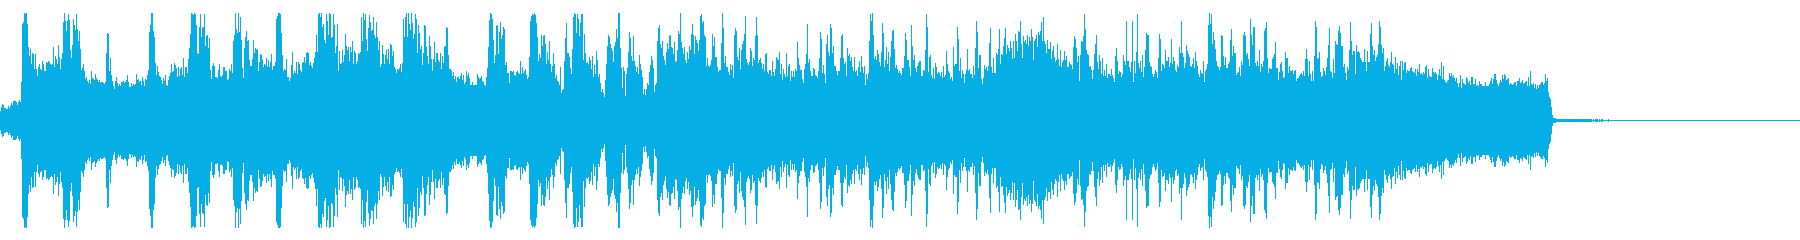 一気に駆け抜ける激しいロックジングルの再生済みの波形